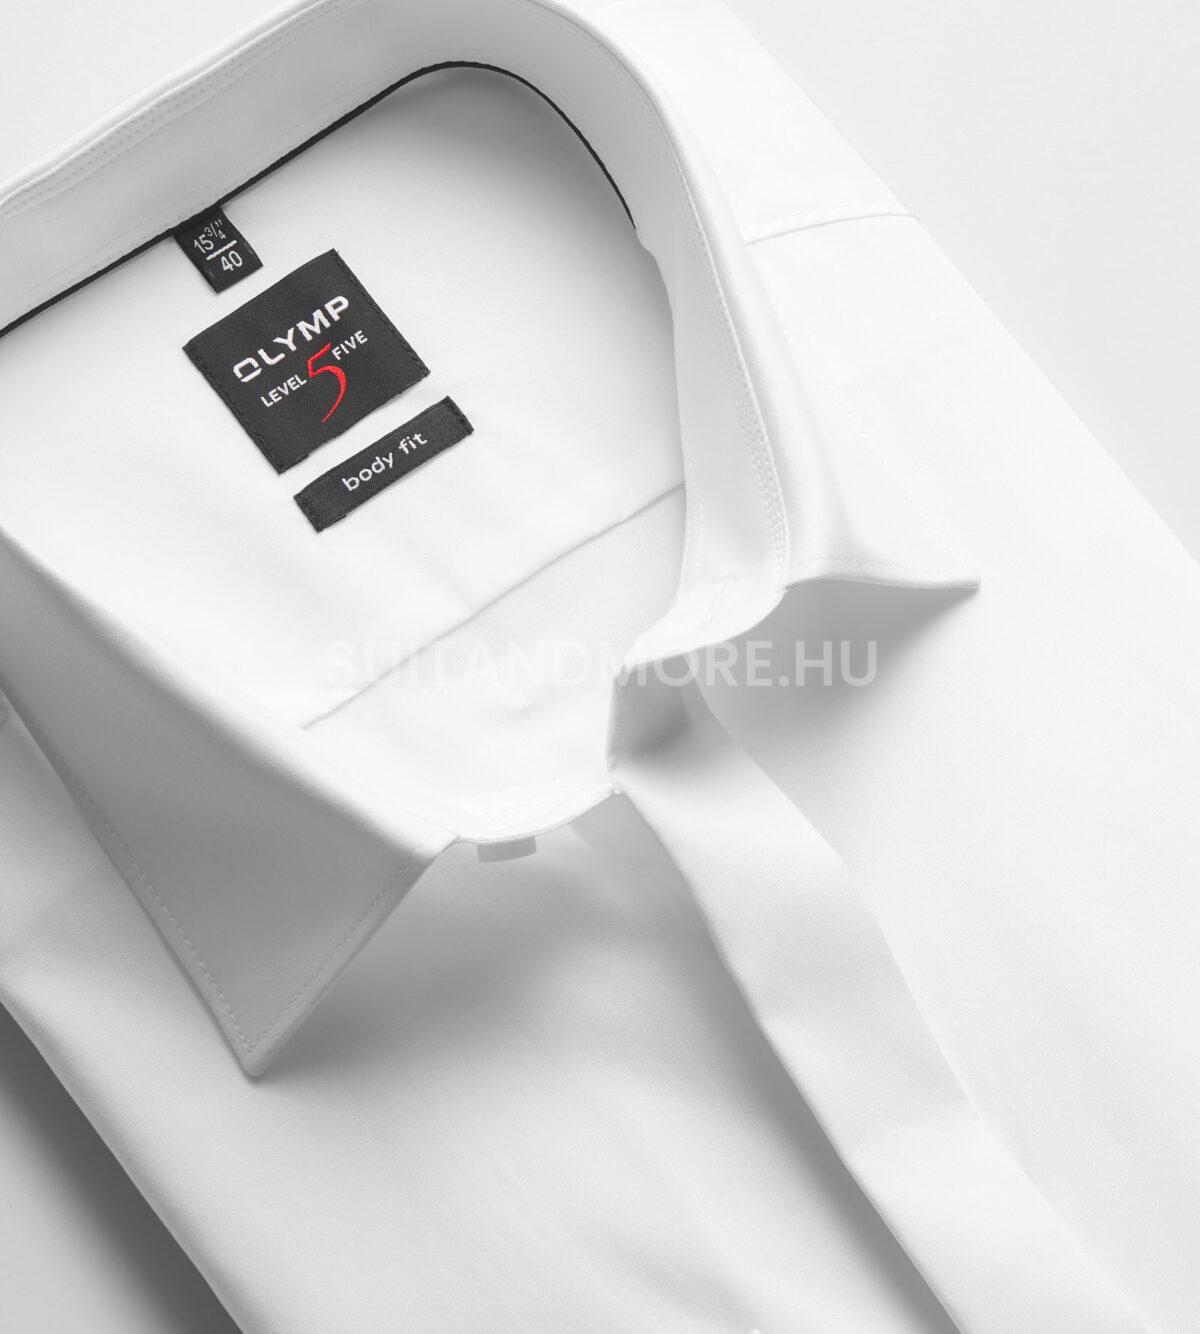 OLYMP-fehér-slim-fit-vasaláskönnyített-ing-1276-65-00-02